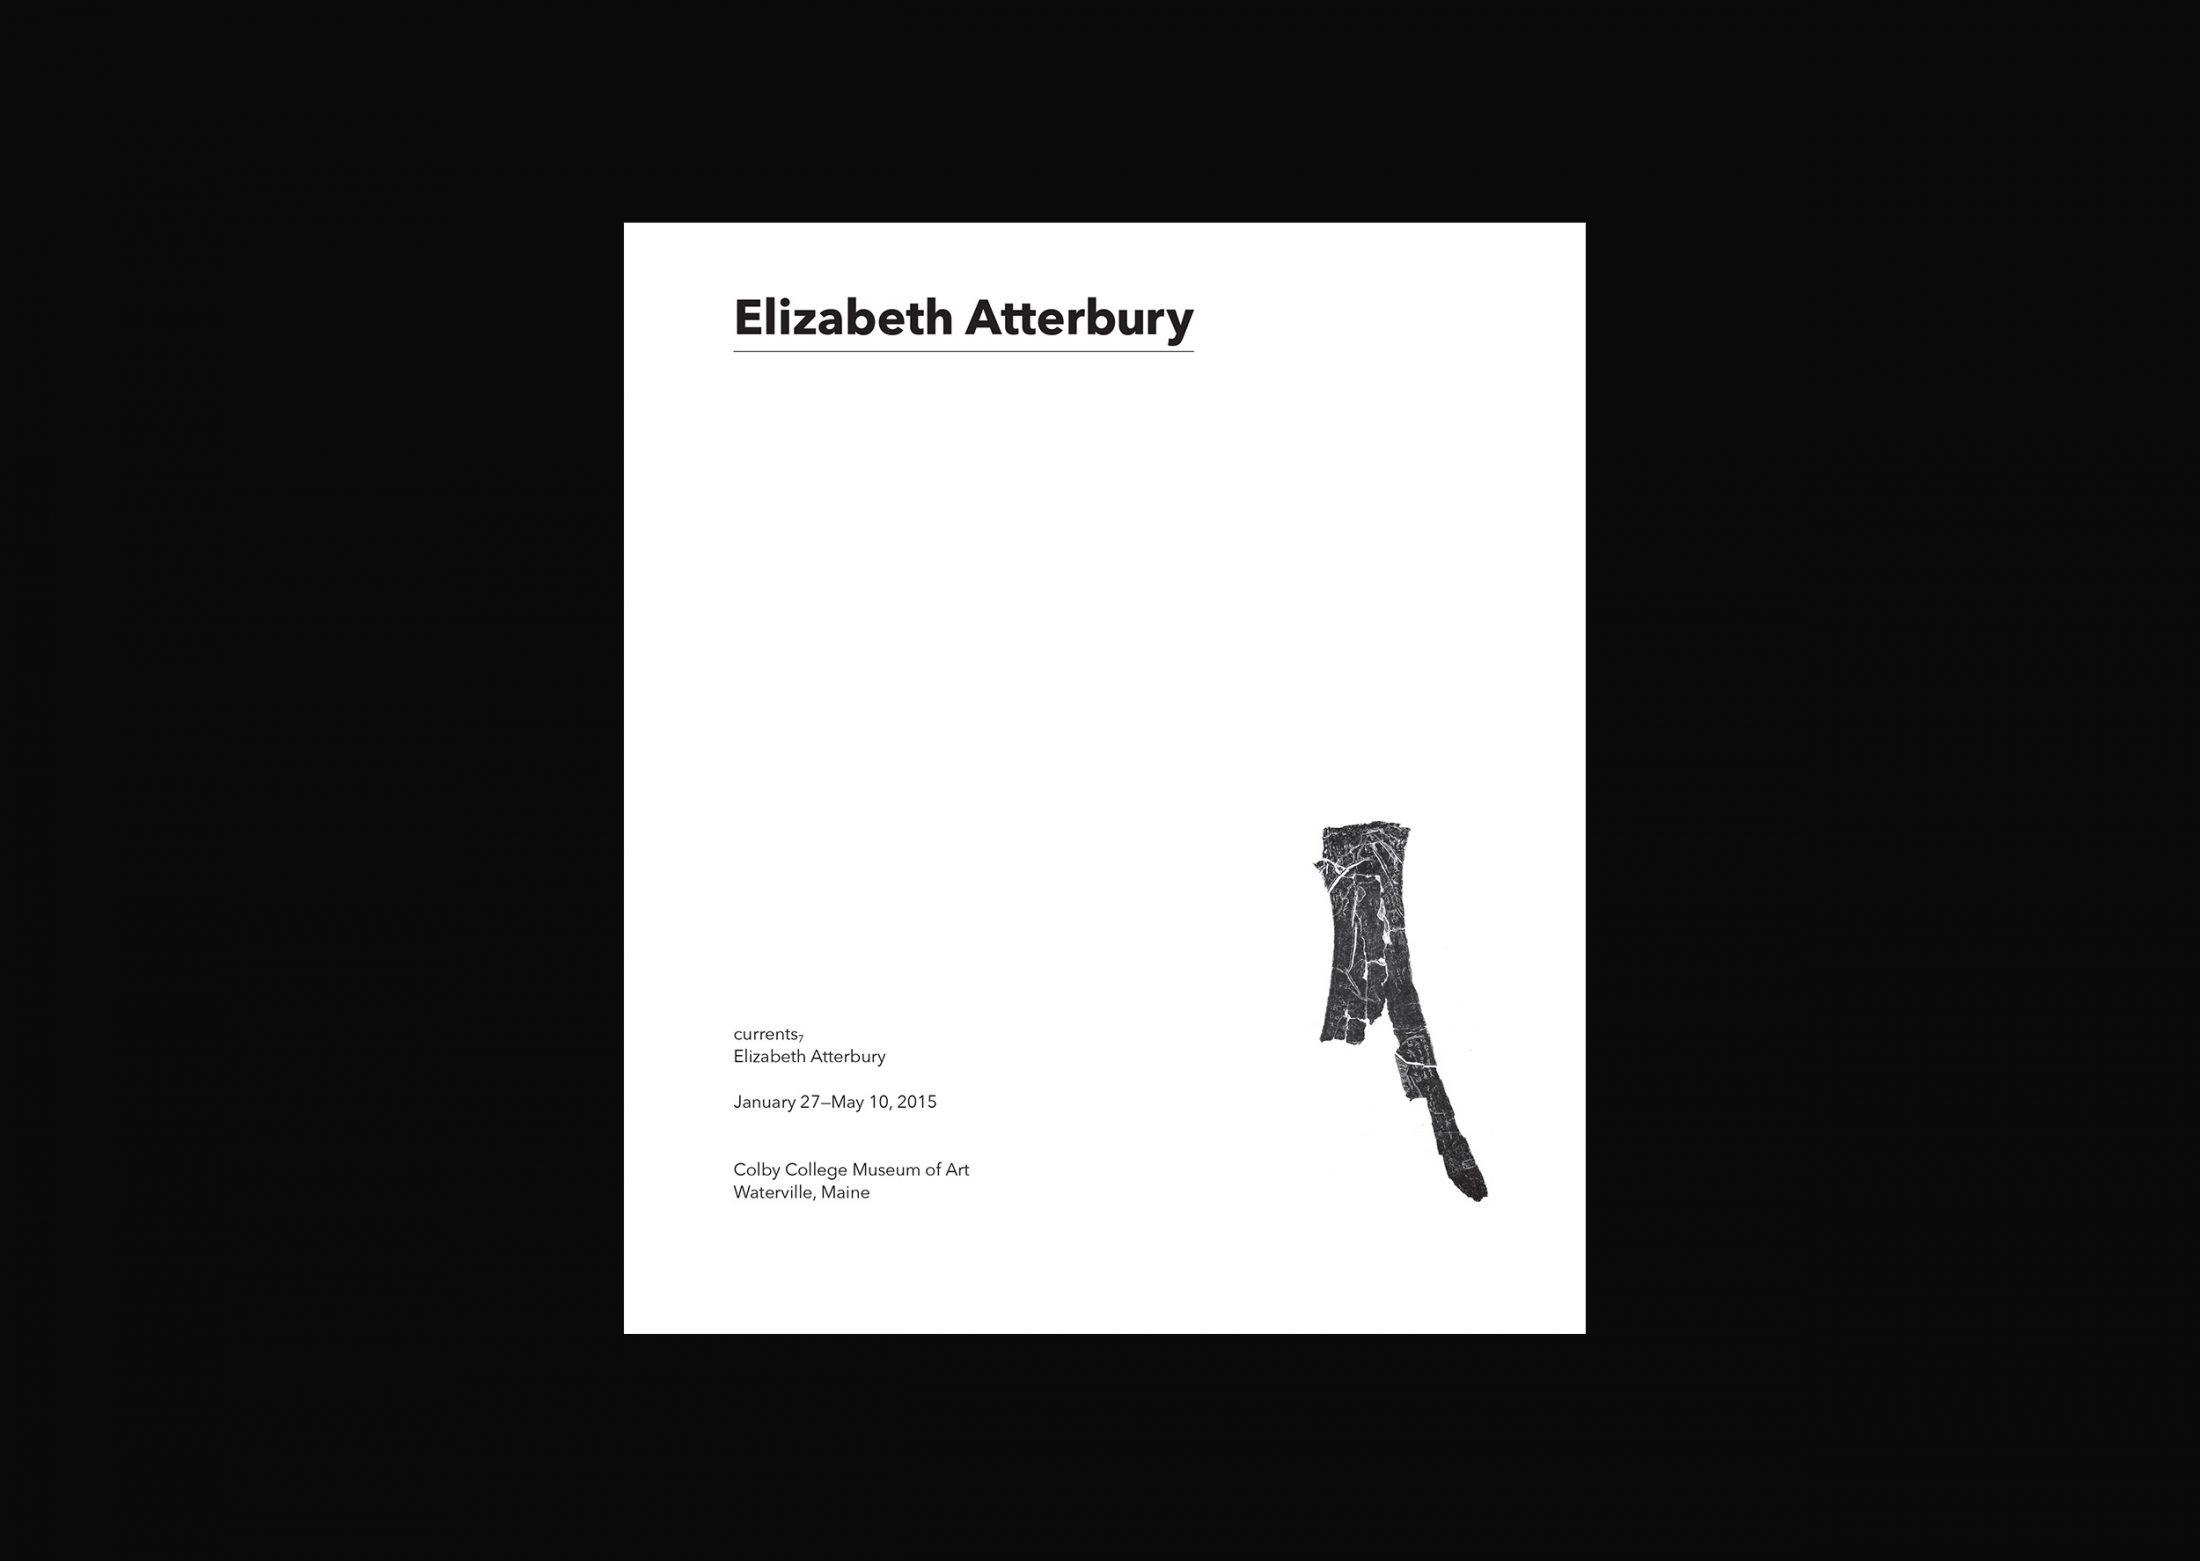 anthony_smyrski_atterbury_title-2200×1561-1